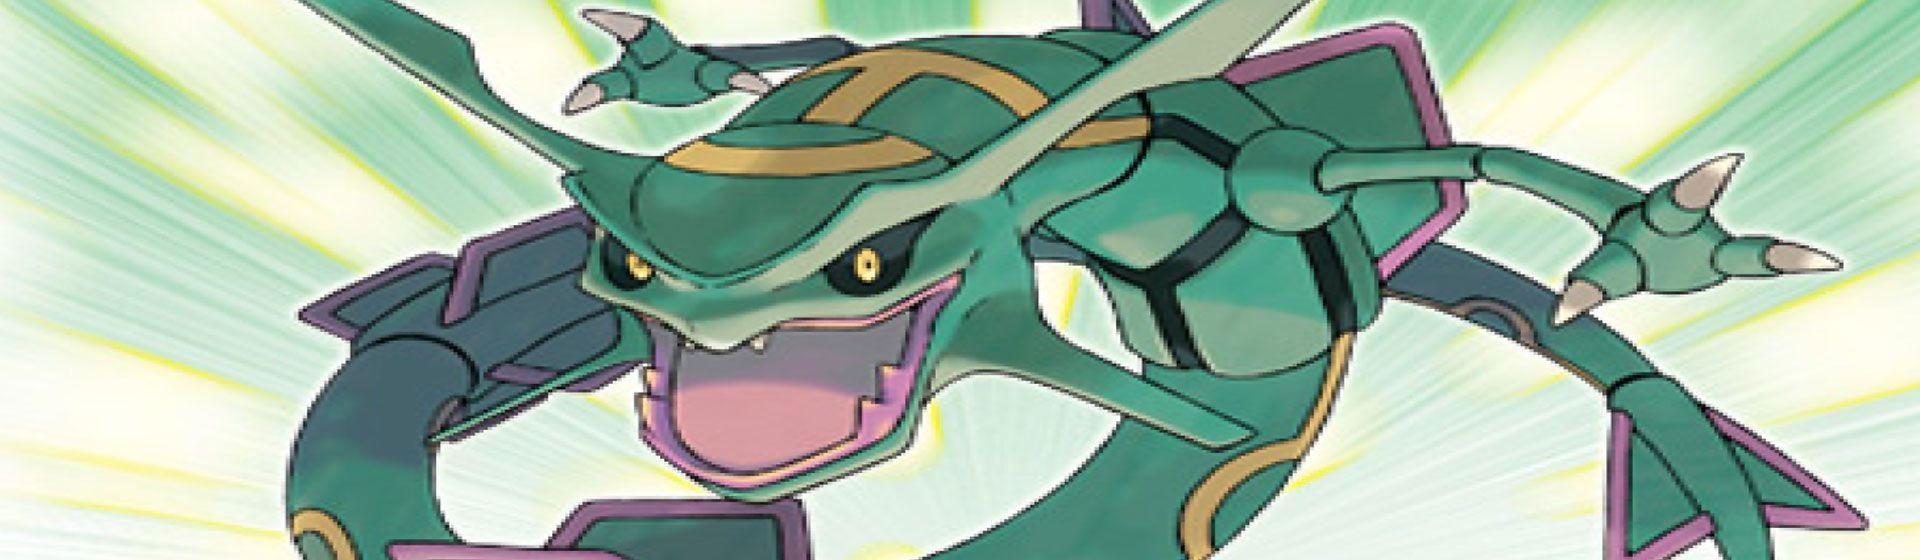 Pokémon lendário Rayquaza, uma grande criatura verde com características de serpente e dragão